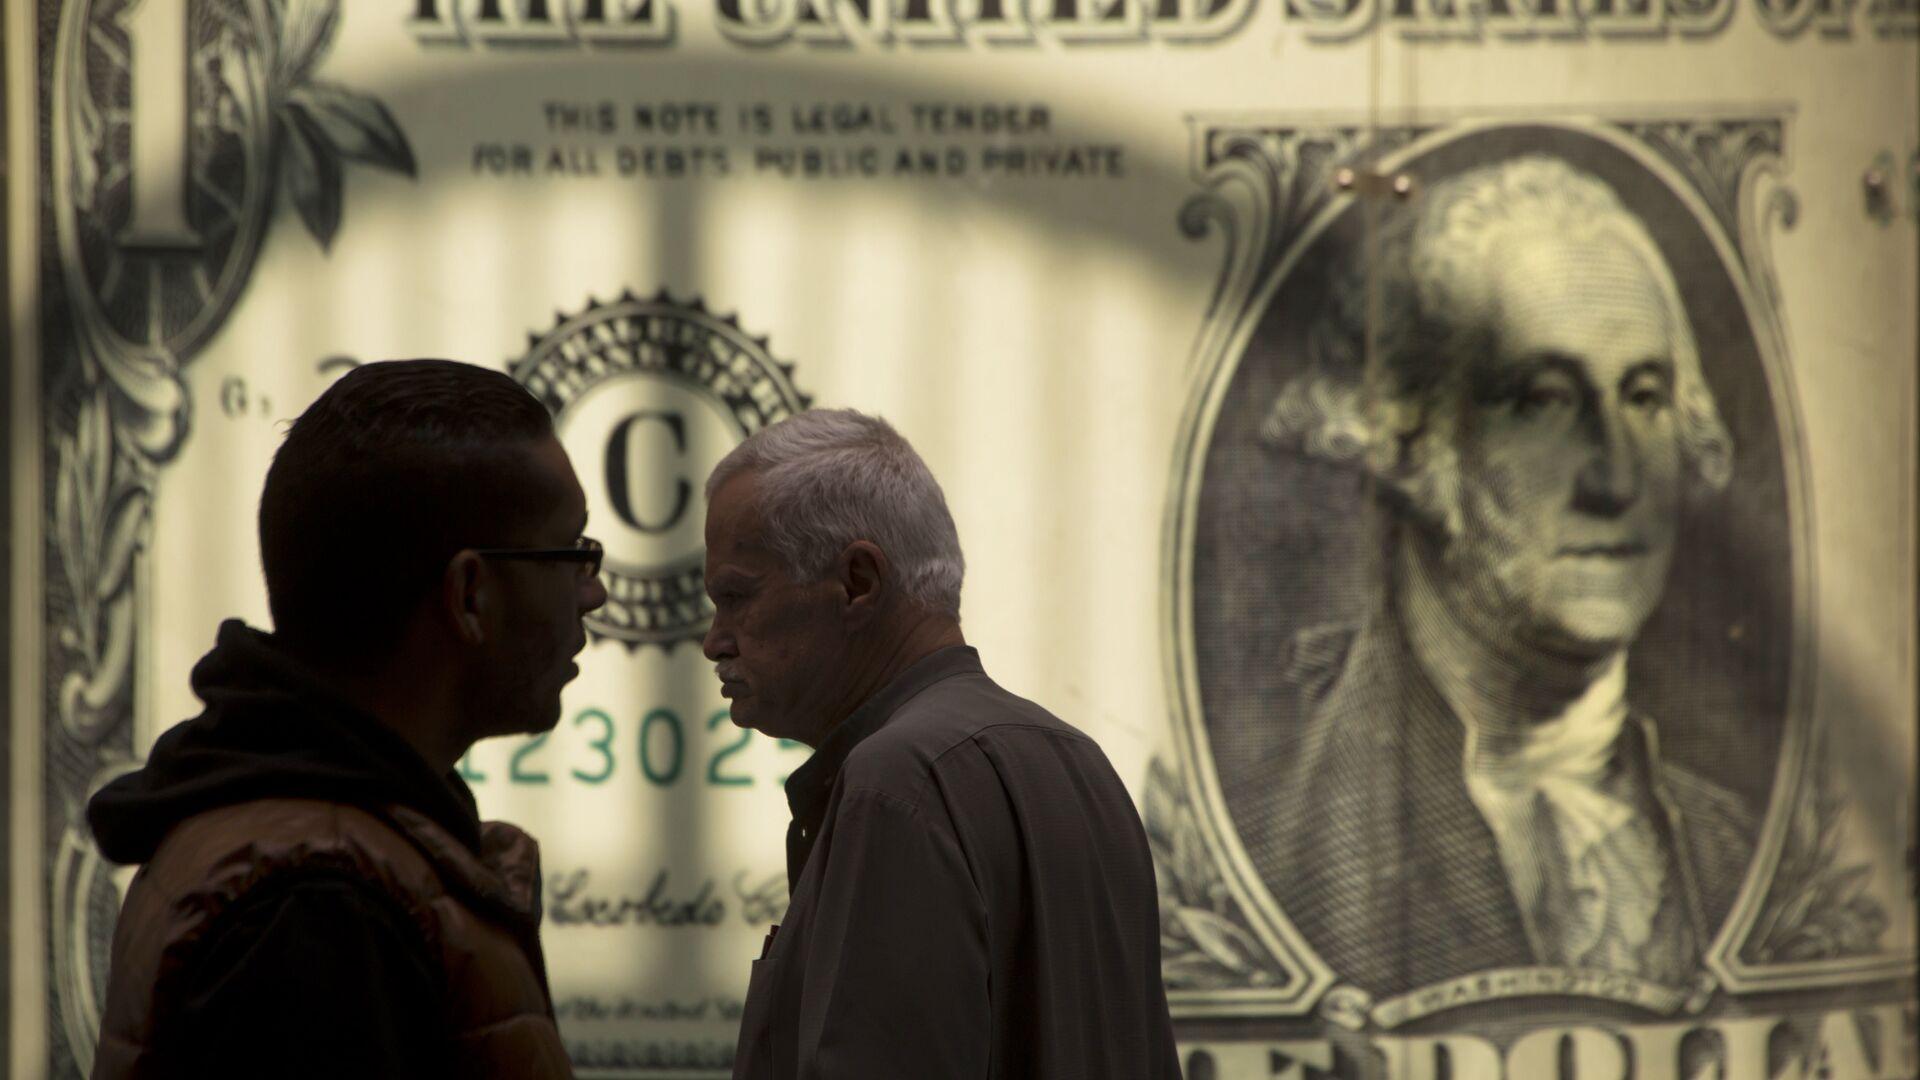 Мужчины возле баннера с изображением американского доллара возле обменного пункта - РИА Новости, 1920, 26.01.2021